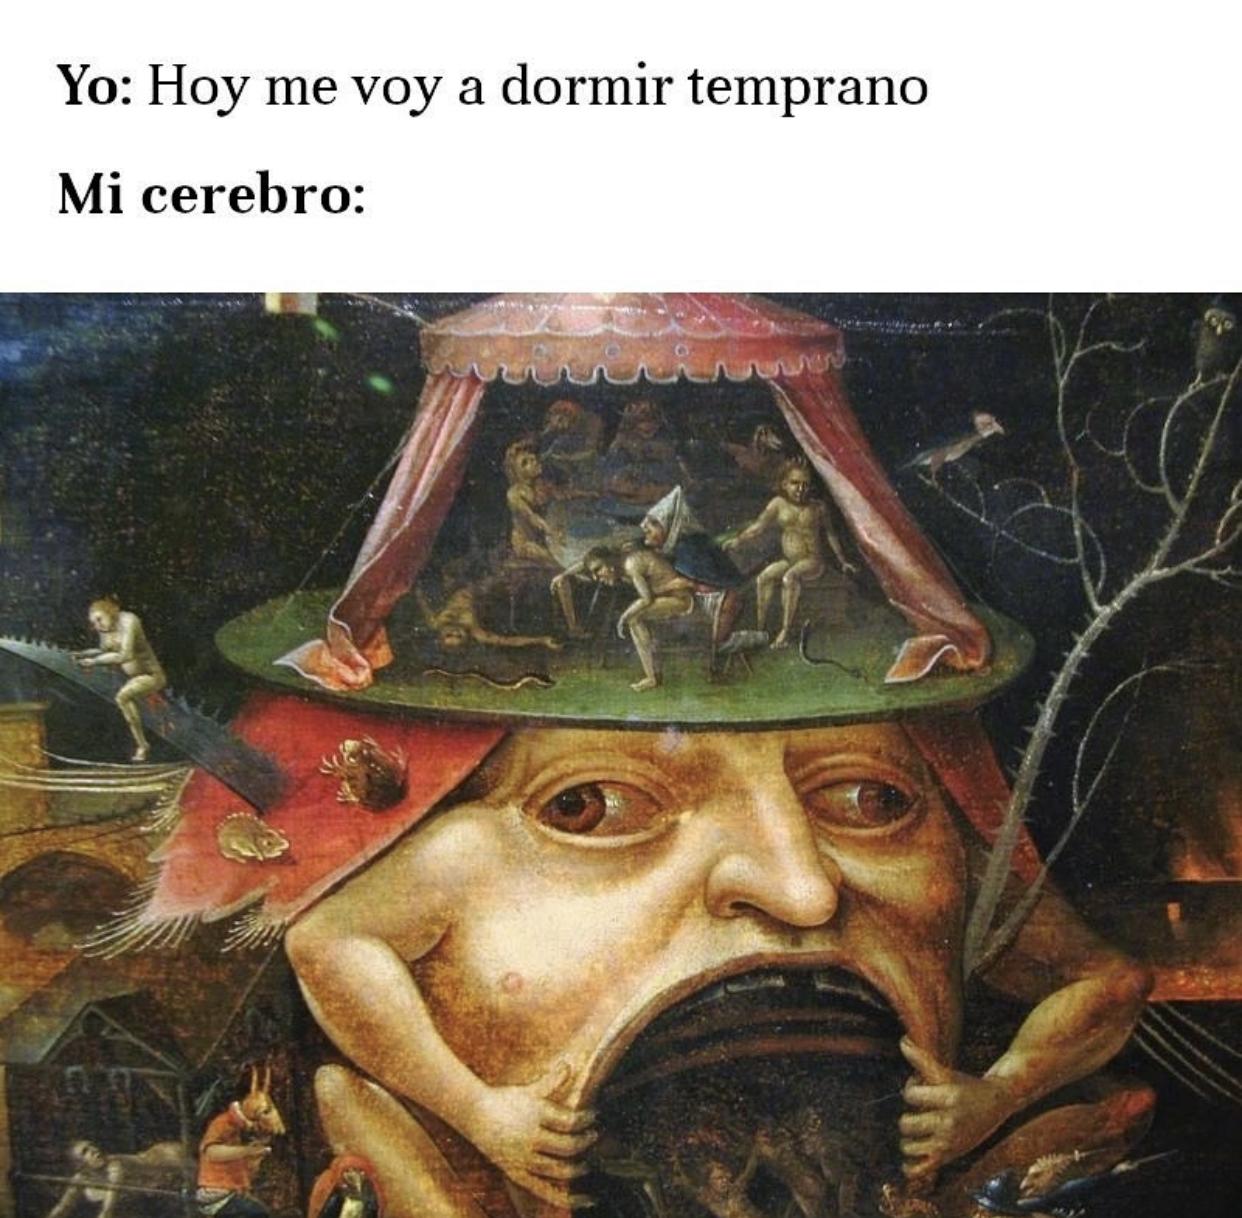 Memes de la cuarentena por Coronavirus